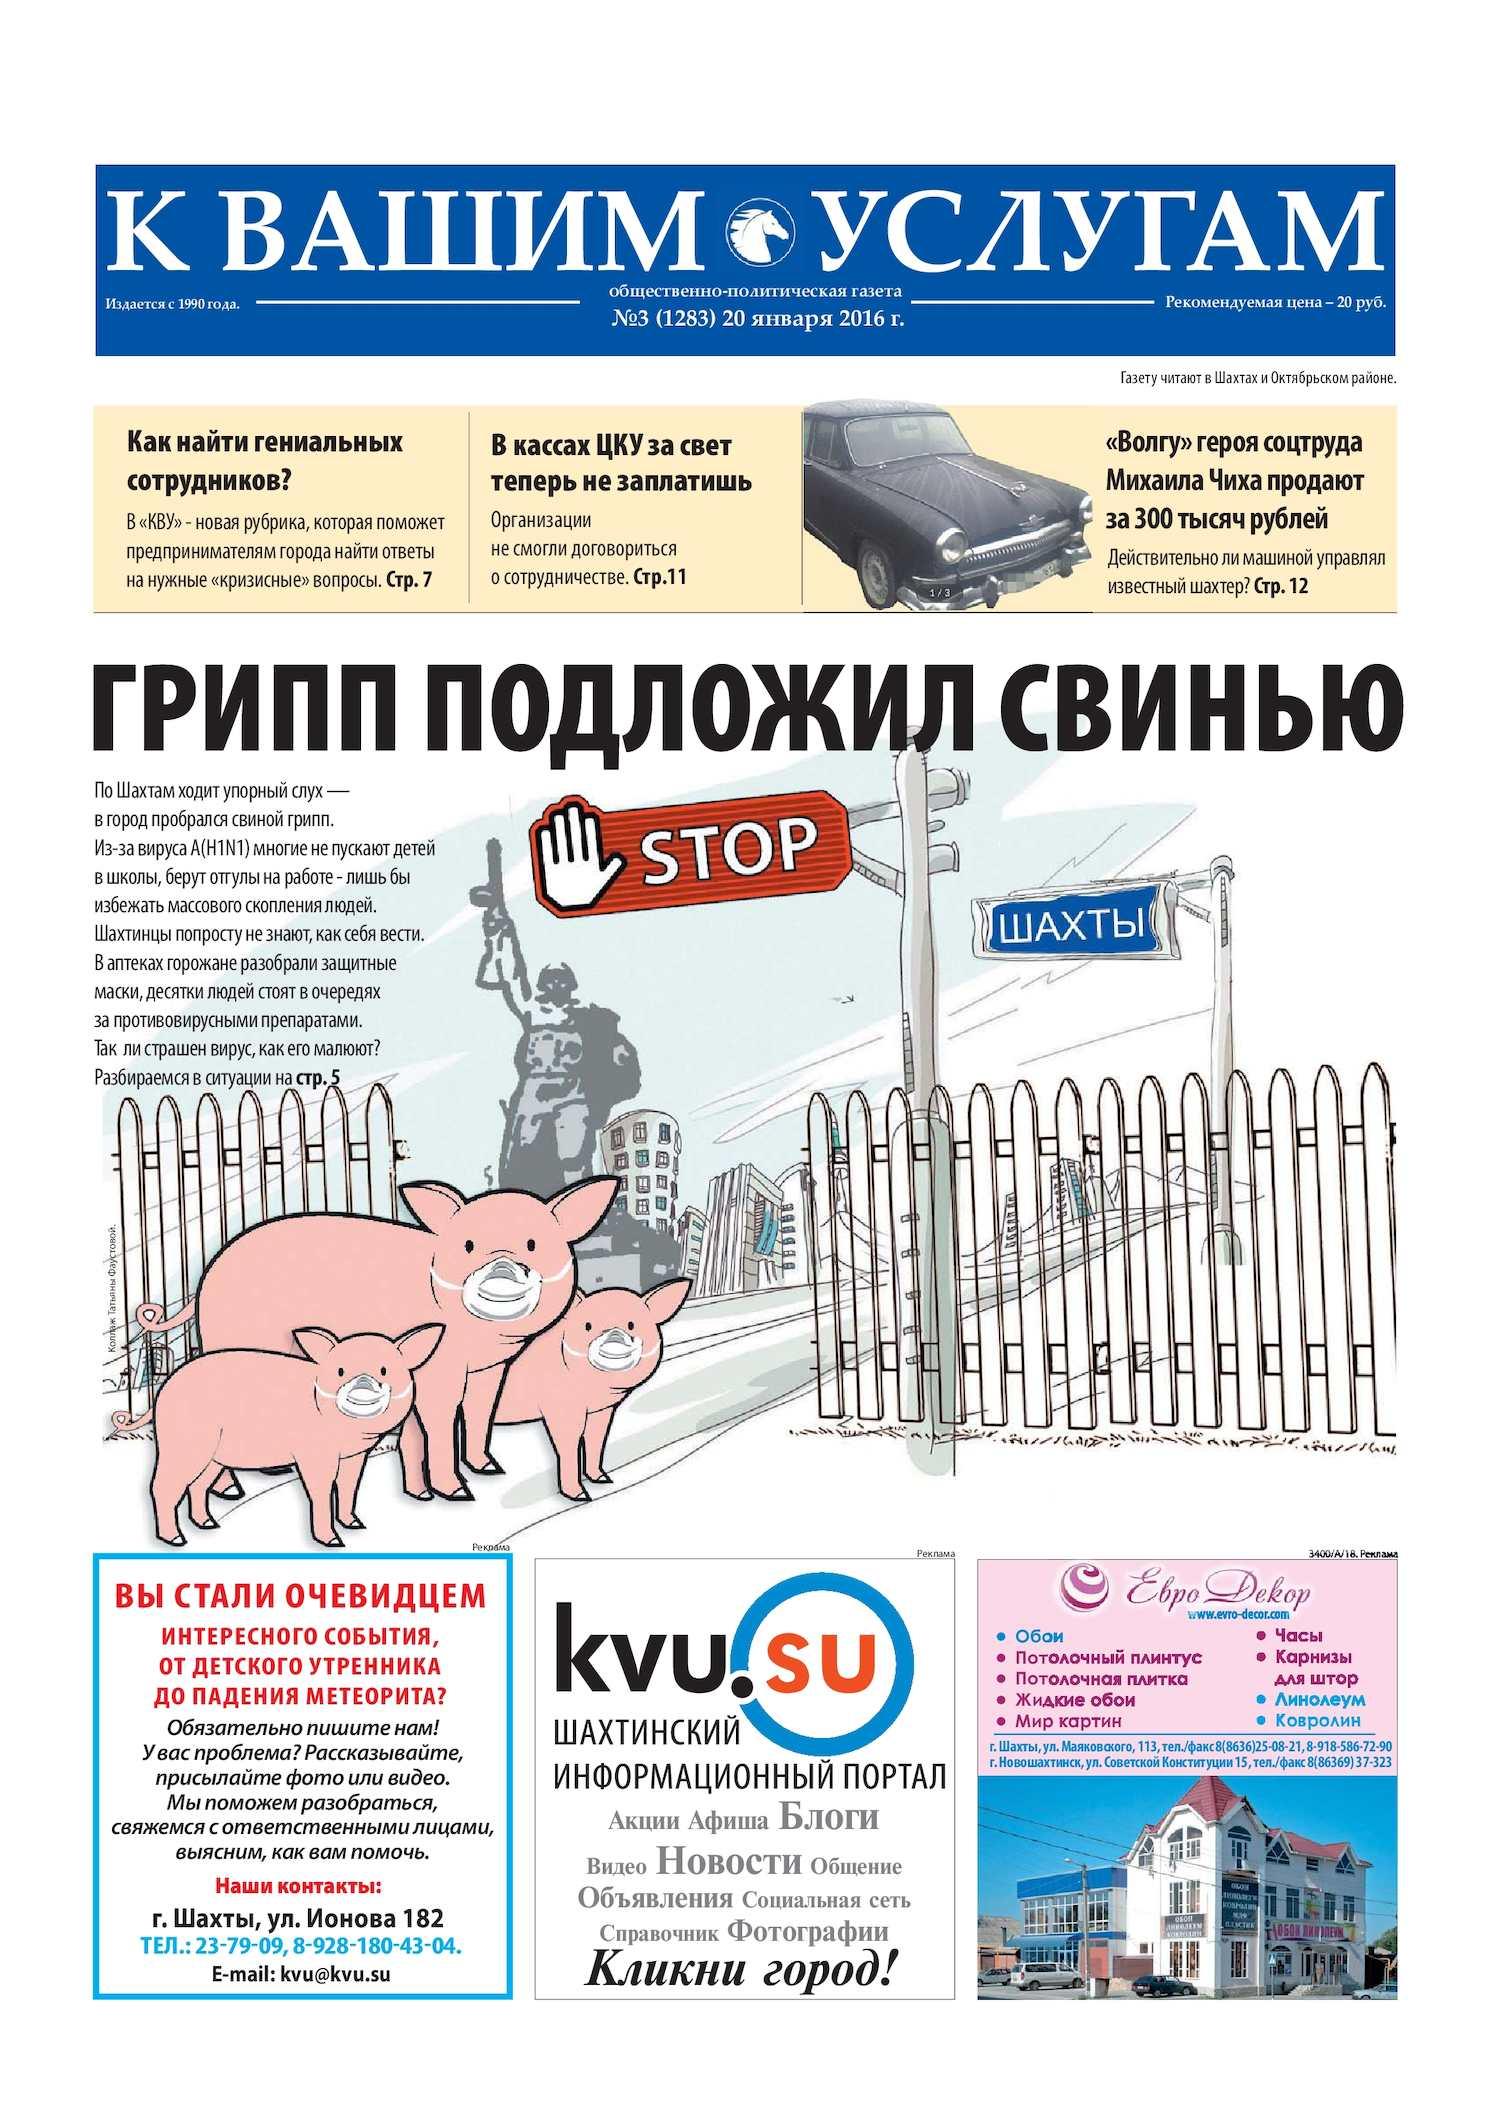 mika-tyan-v-latekse-i-podruga-vozle-barnoy-stoyki-porno-film-krasnaya-shapochka-russkiy-tekst-smotret-onlayn